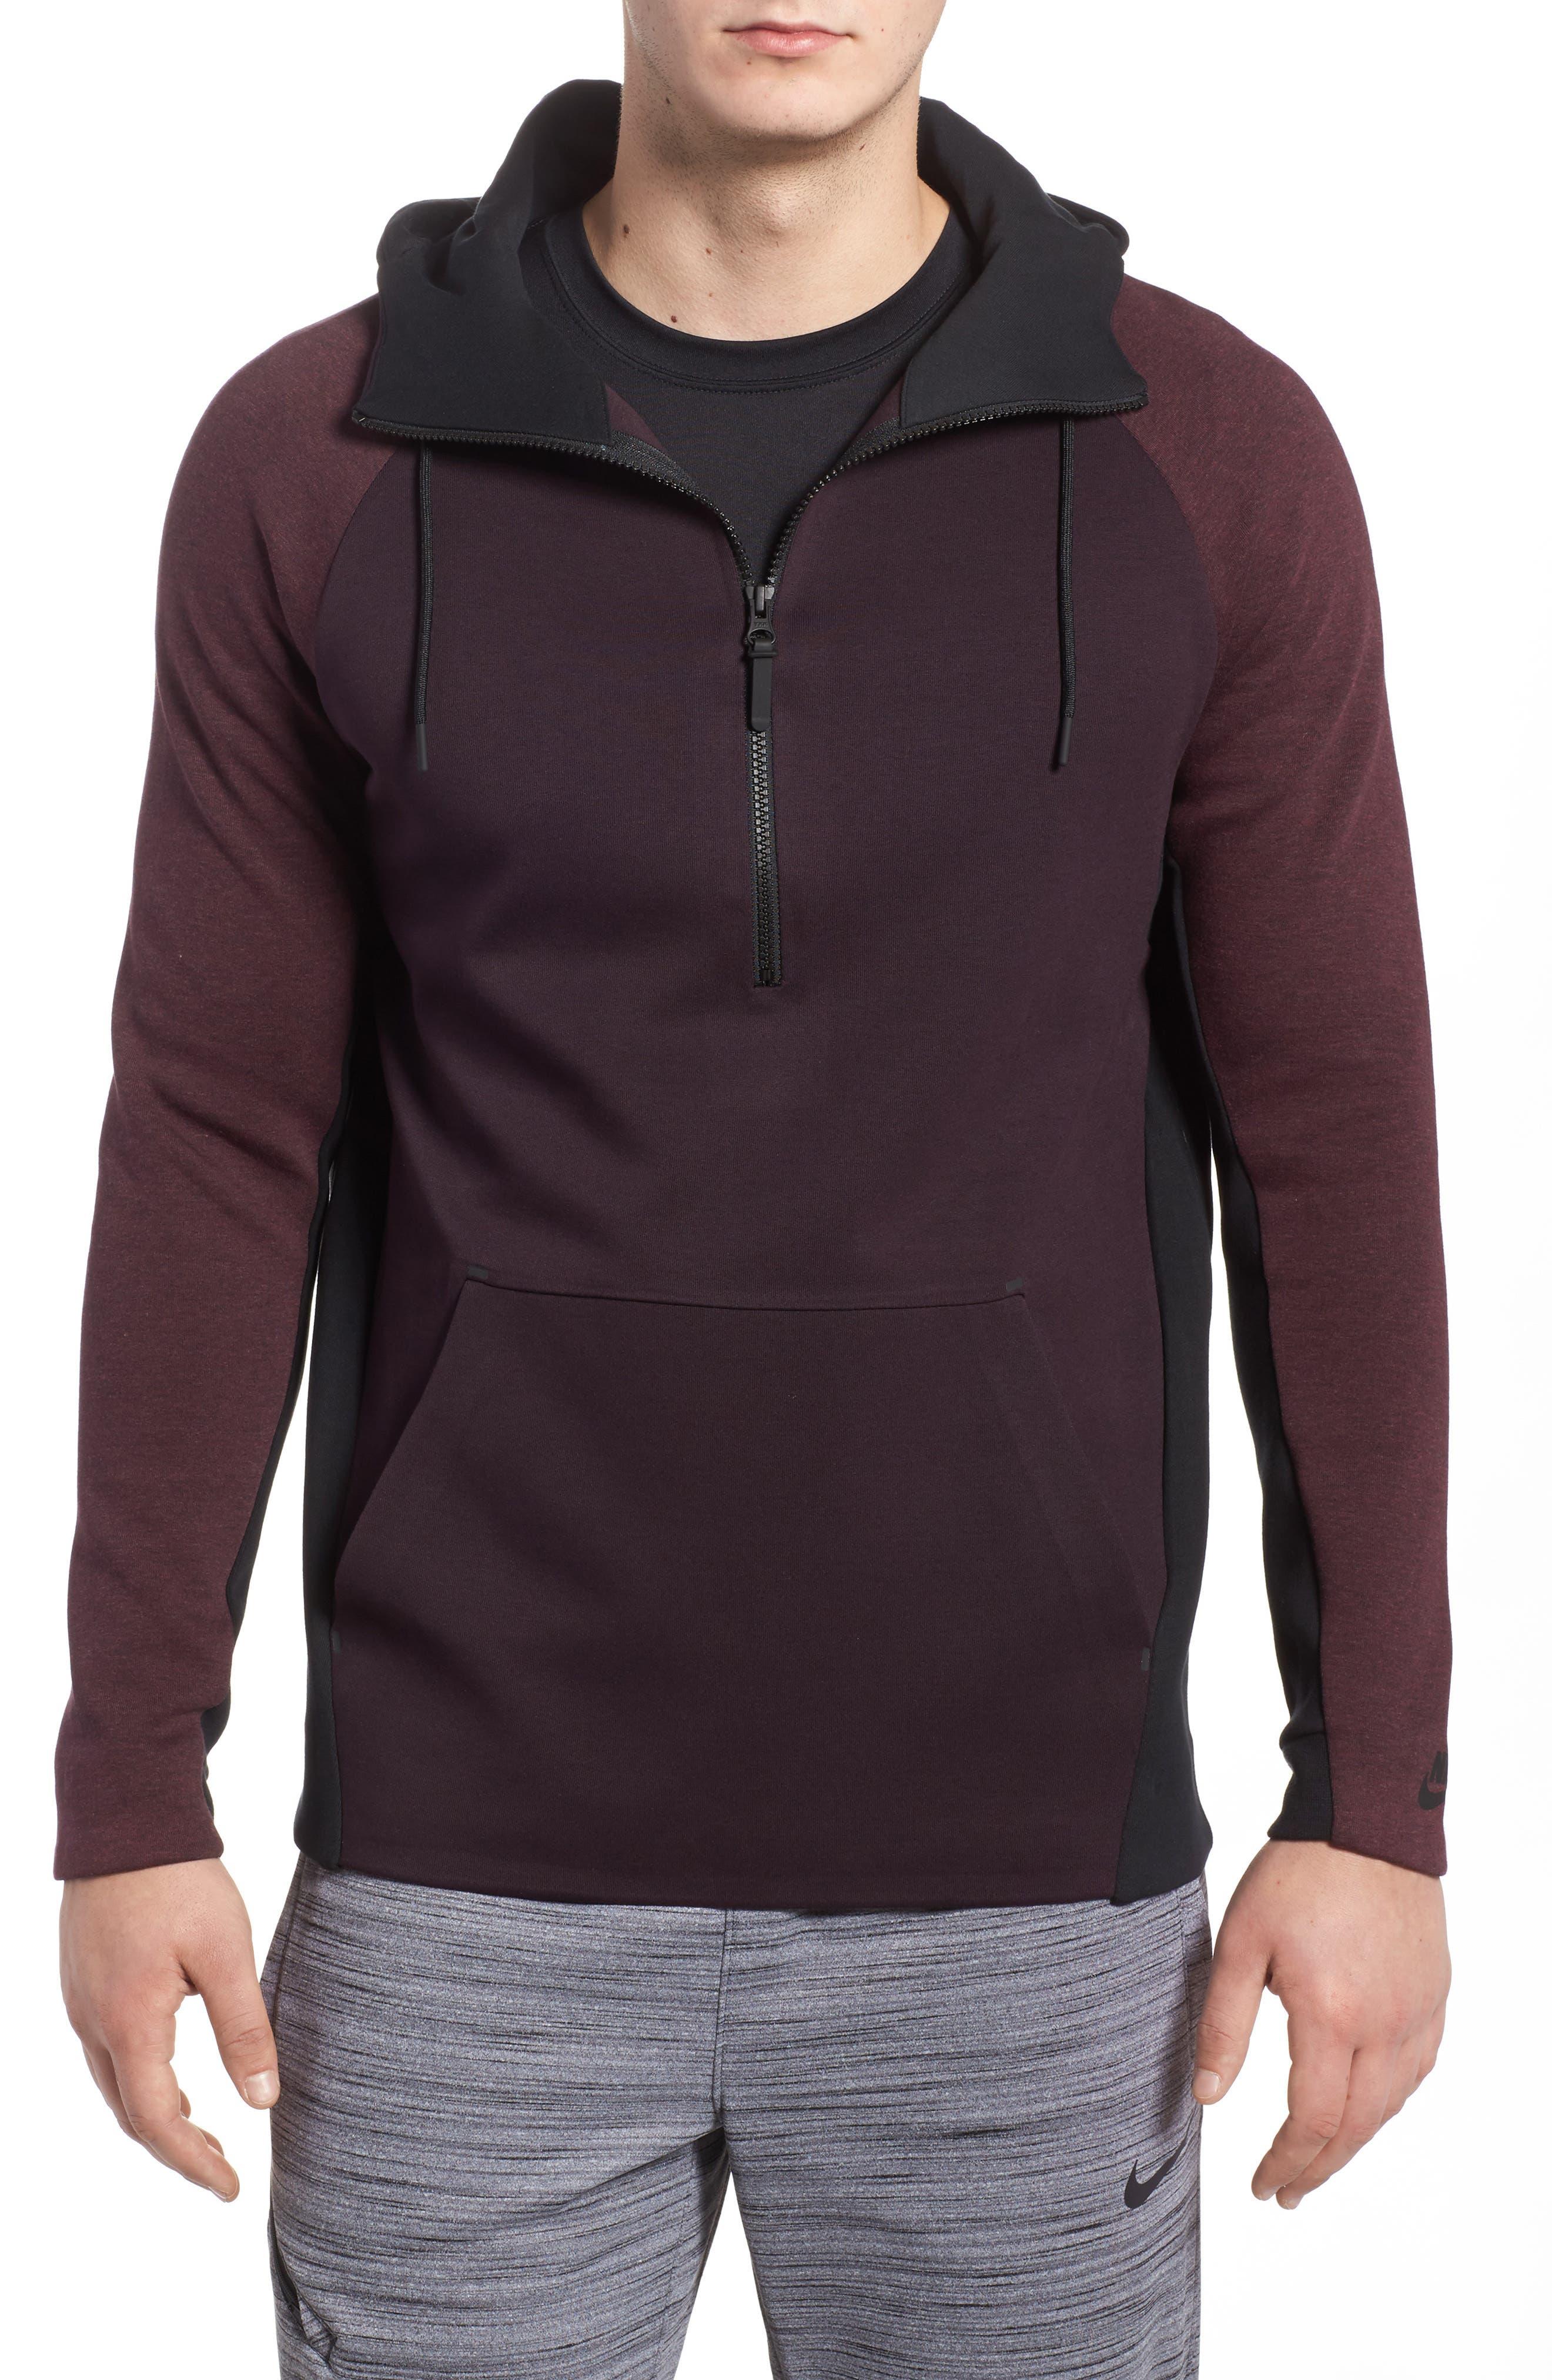 Nike Half-Zip Pullover Hoodie